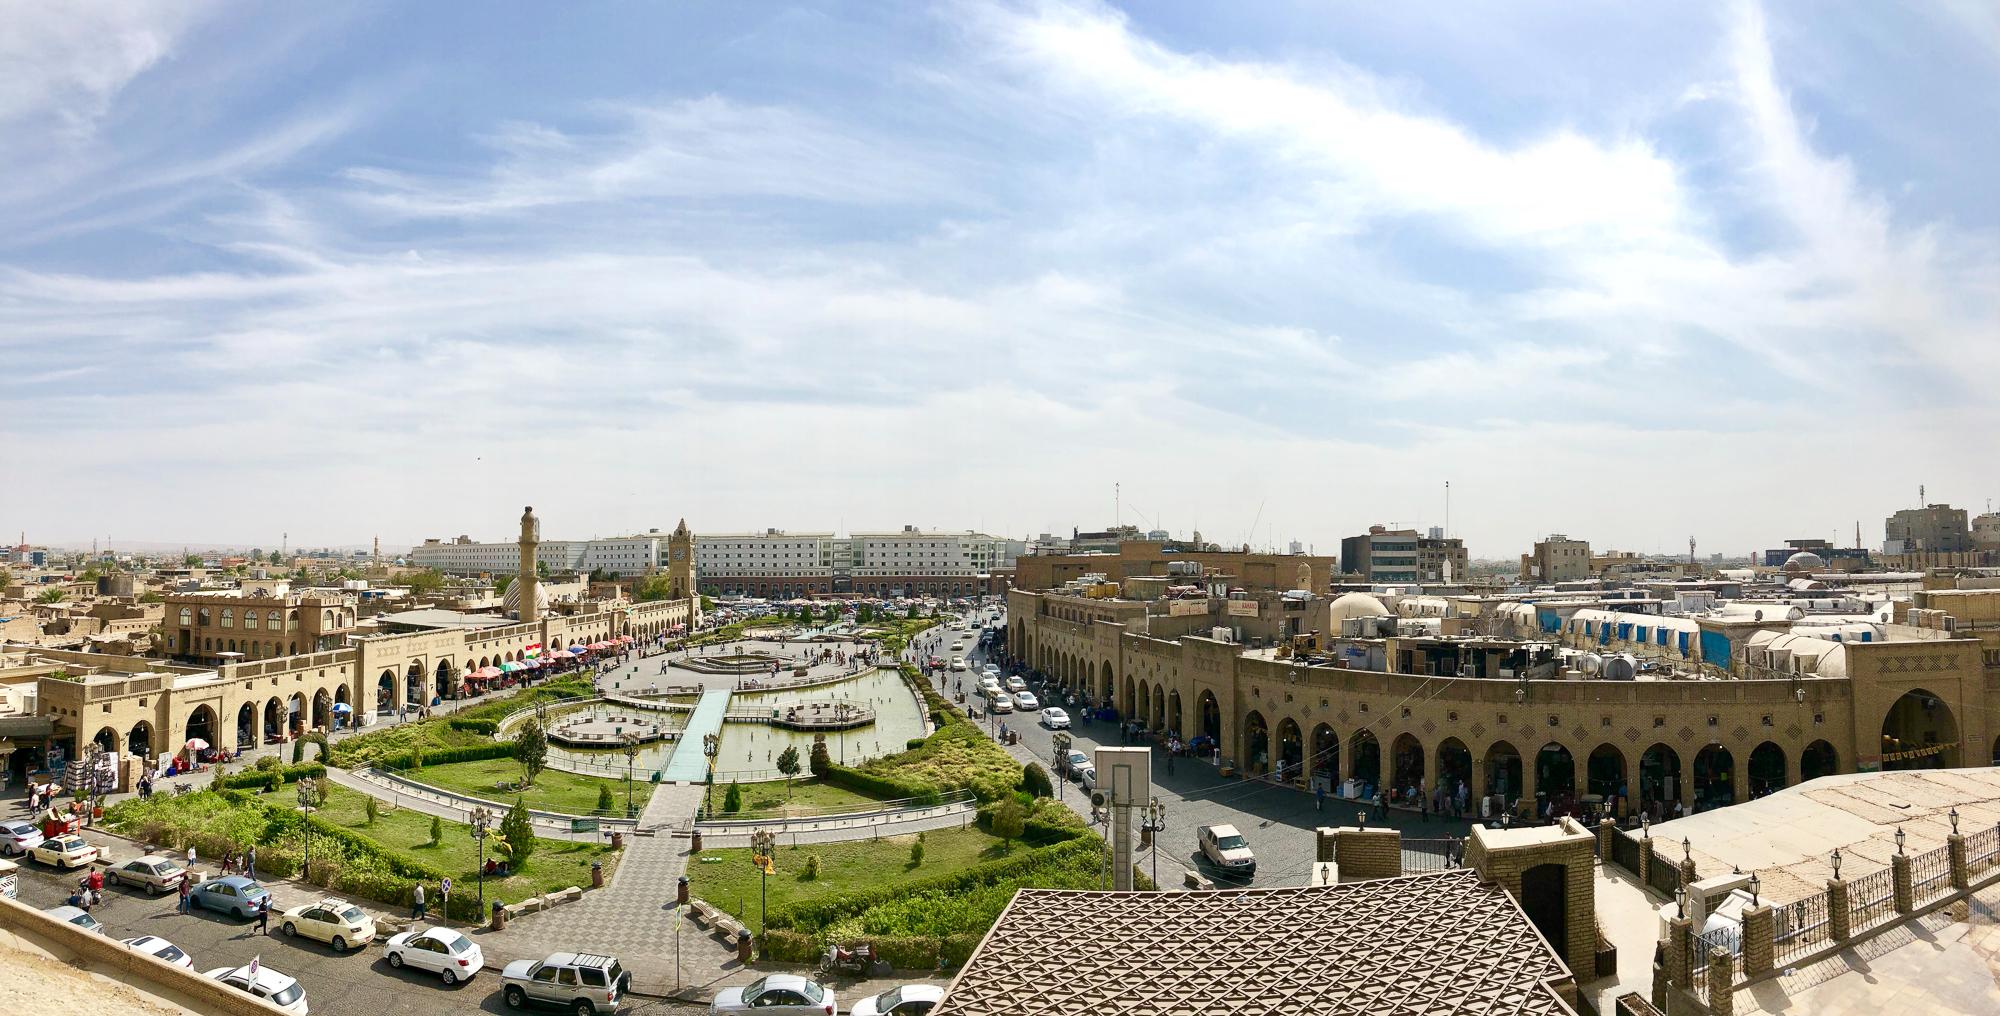 Erbil central square